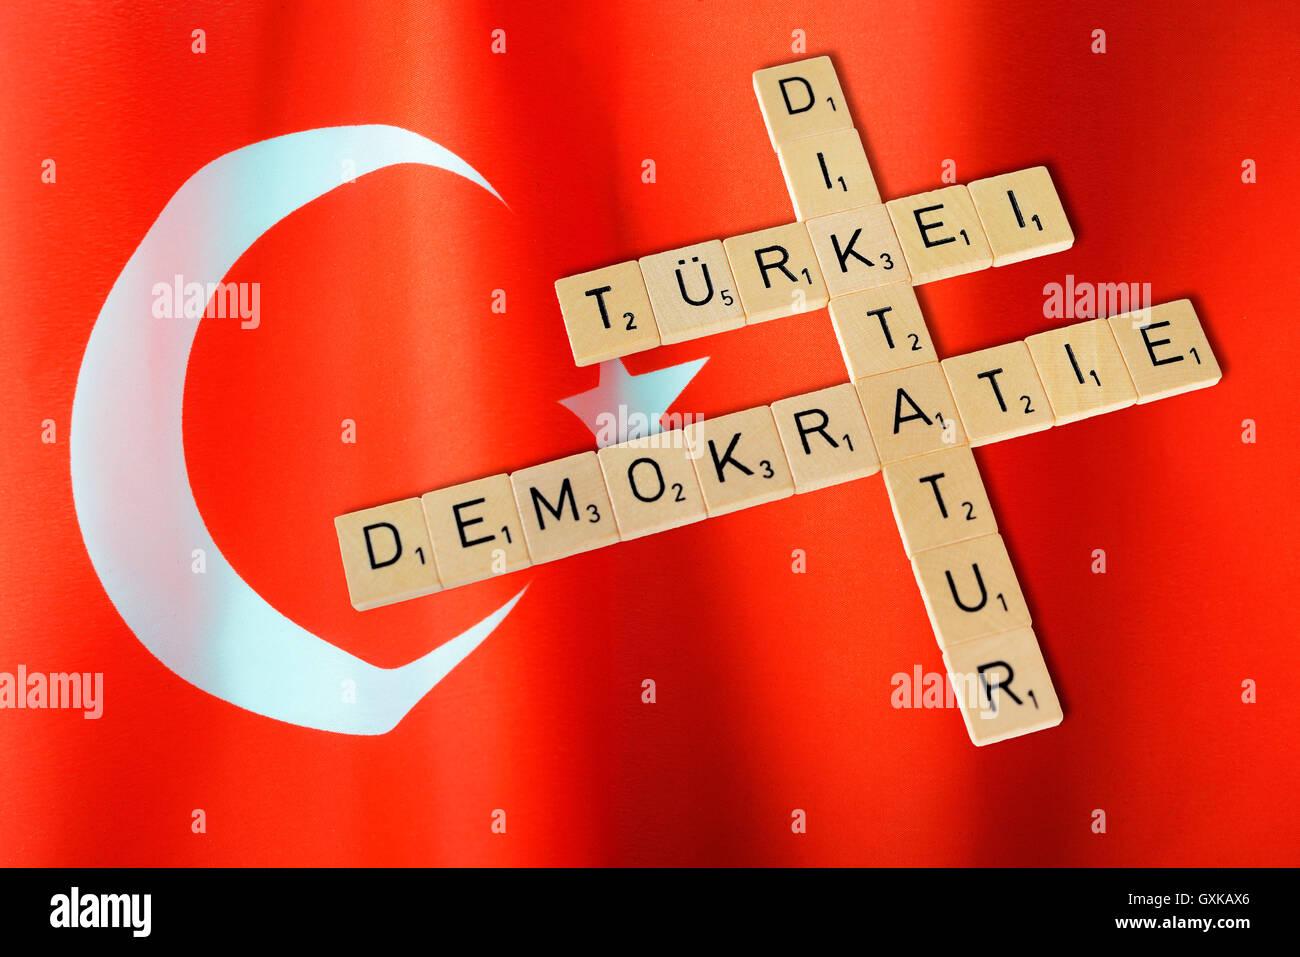 Fahne der Türkei mit Schriftzügen Demokratie und Diktatur Stock Photo